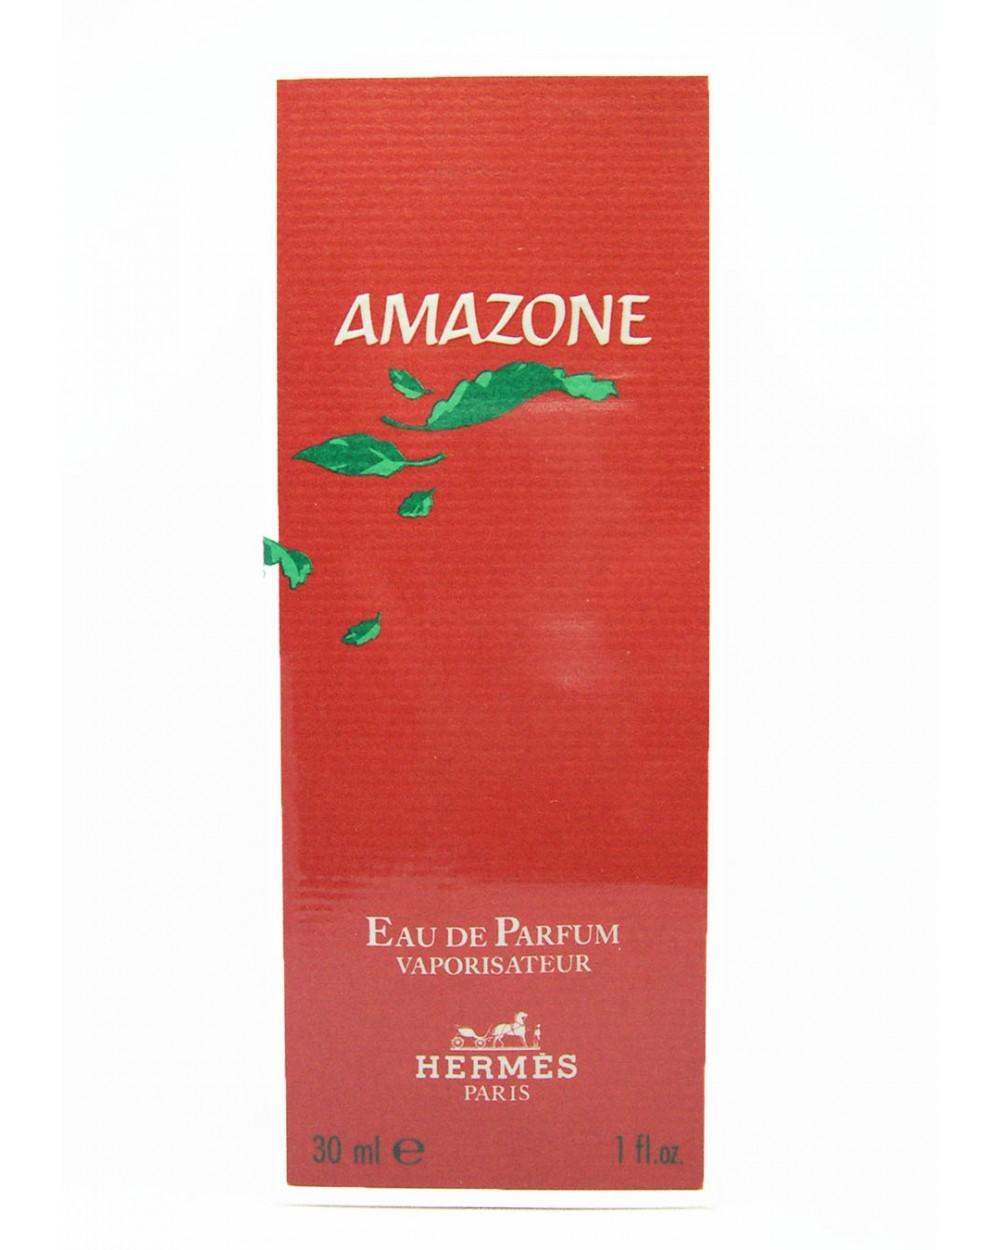 Vaporisateur Amazone Eau Parfum Hermes De 8knOP0w